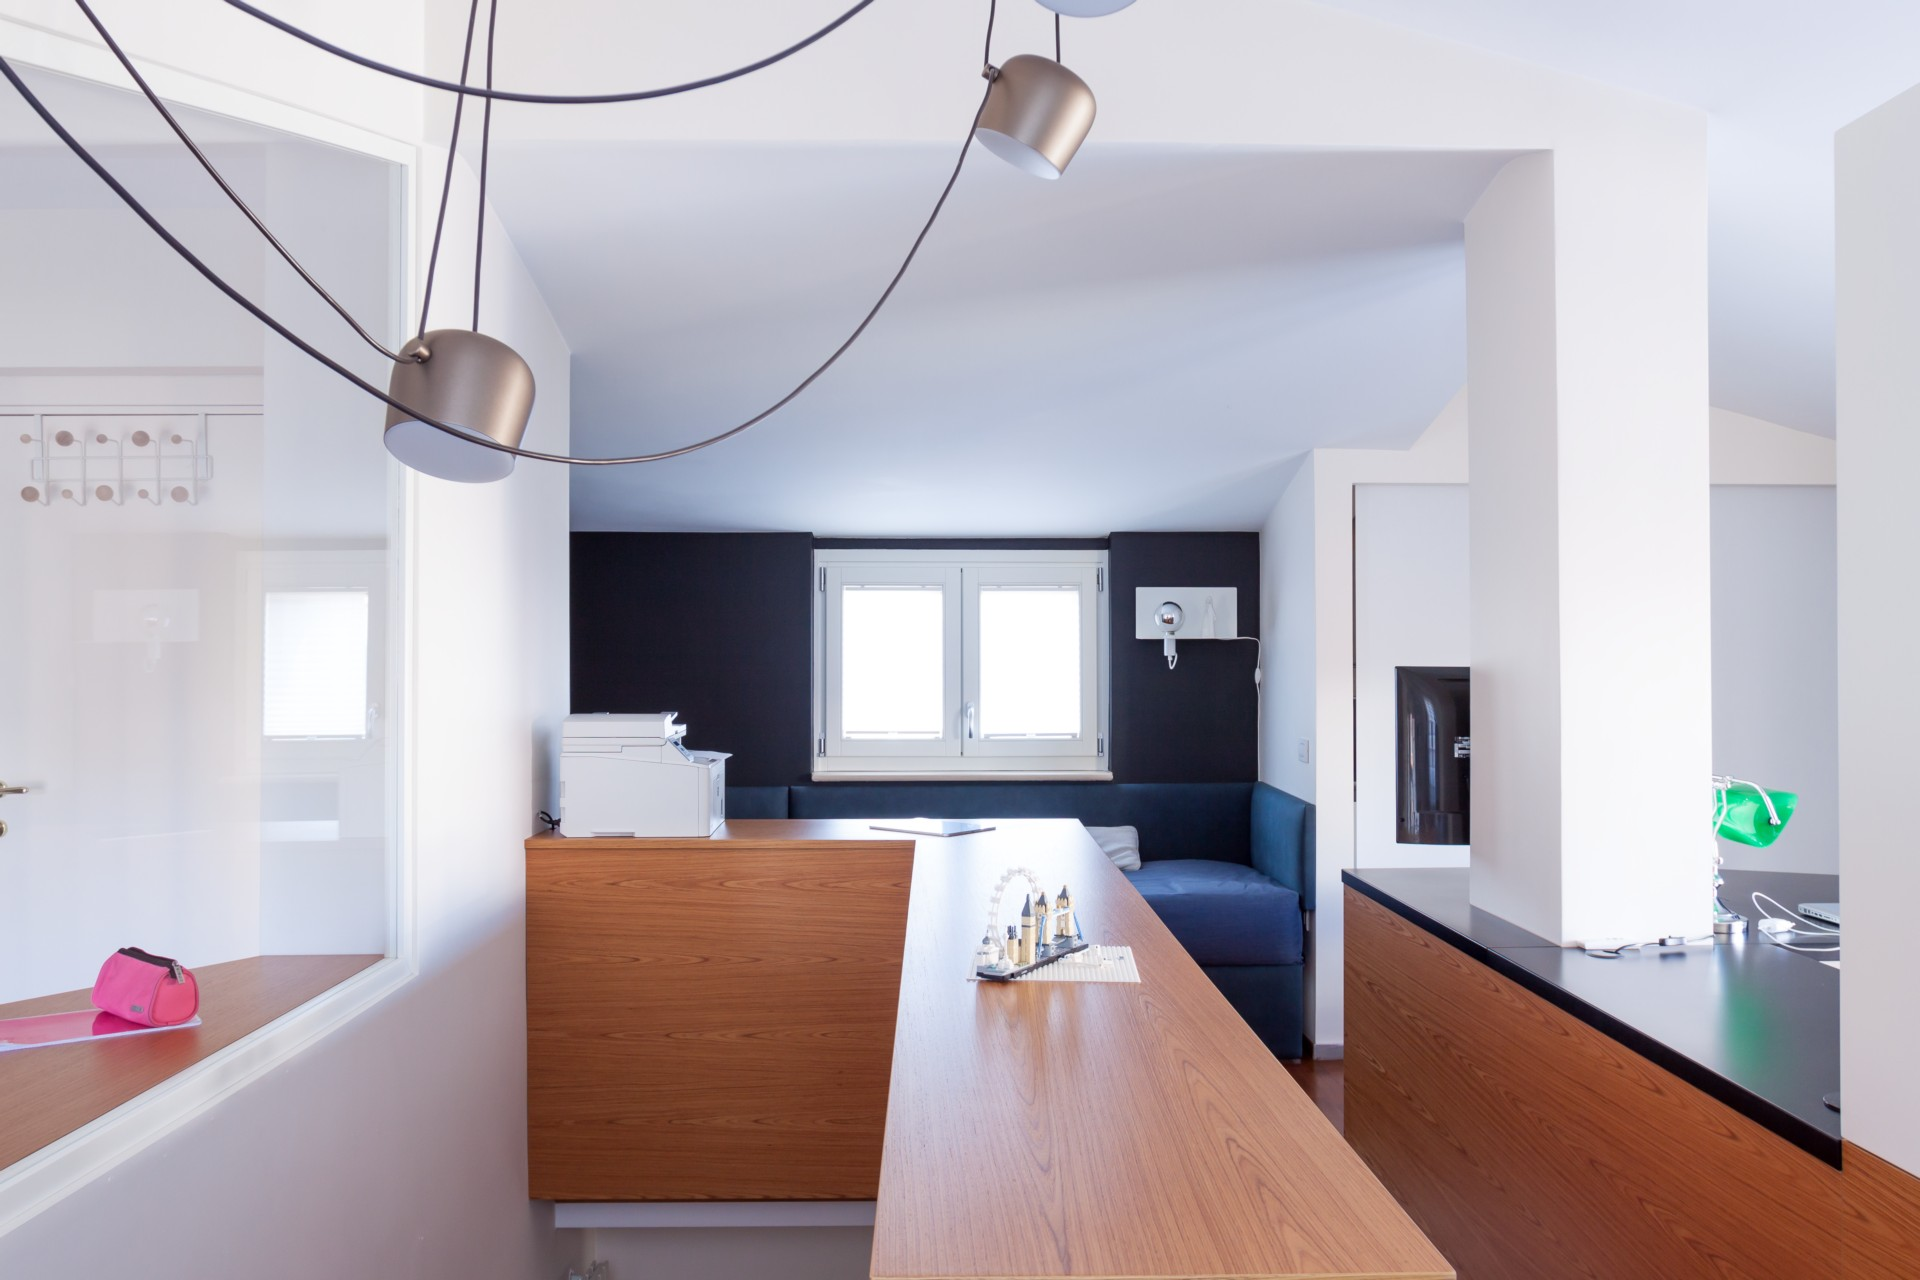 Casa NARF von m21 AD nautische Innenarchitektur in einem Wohnhaus ...